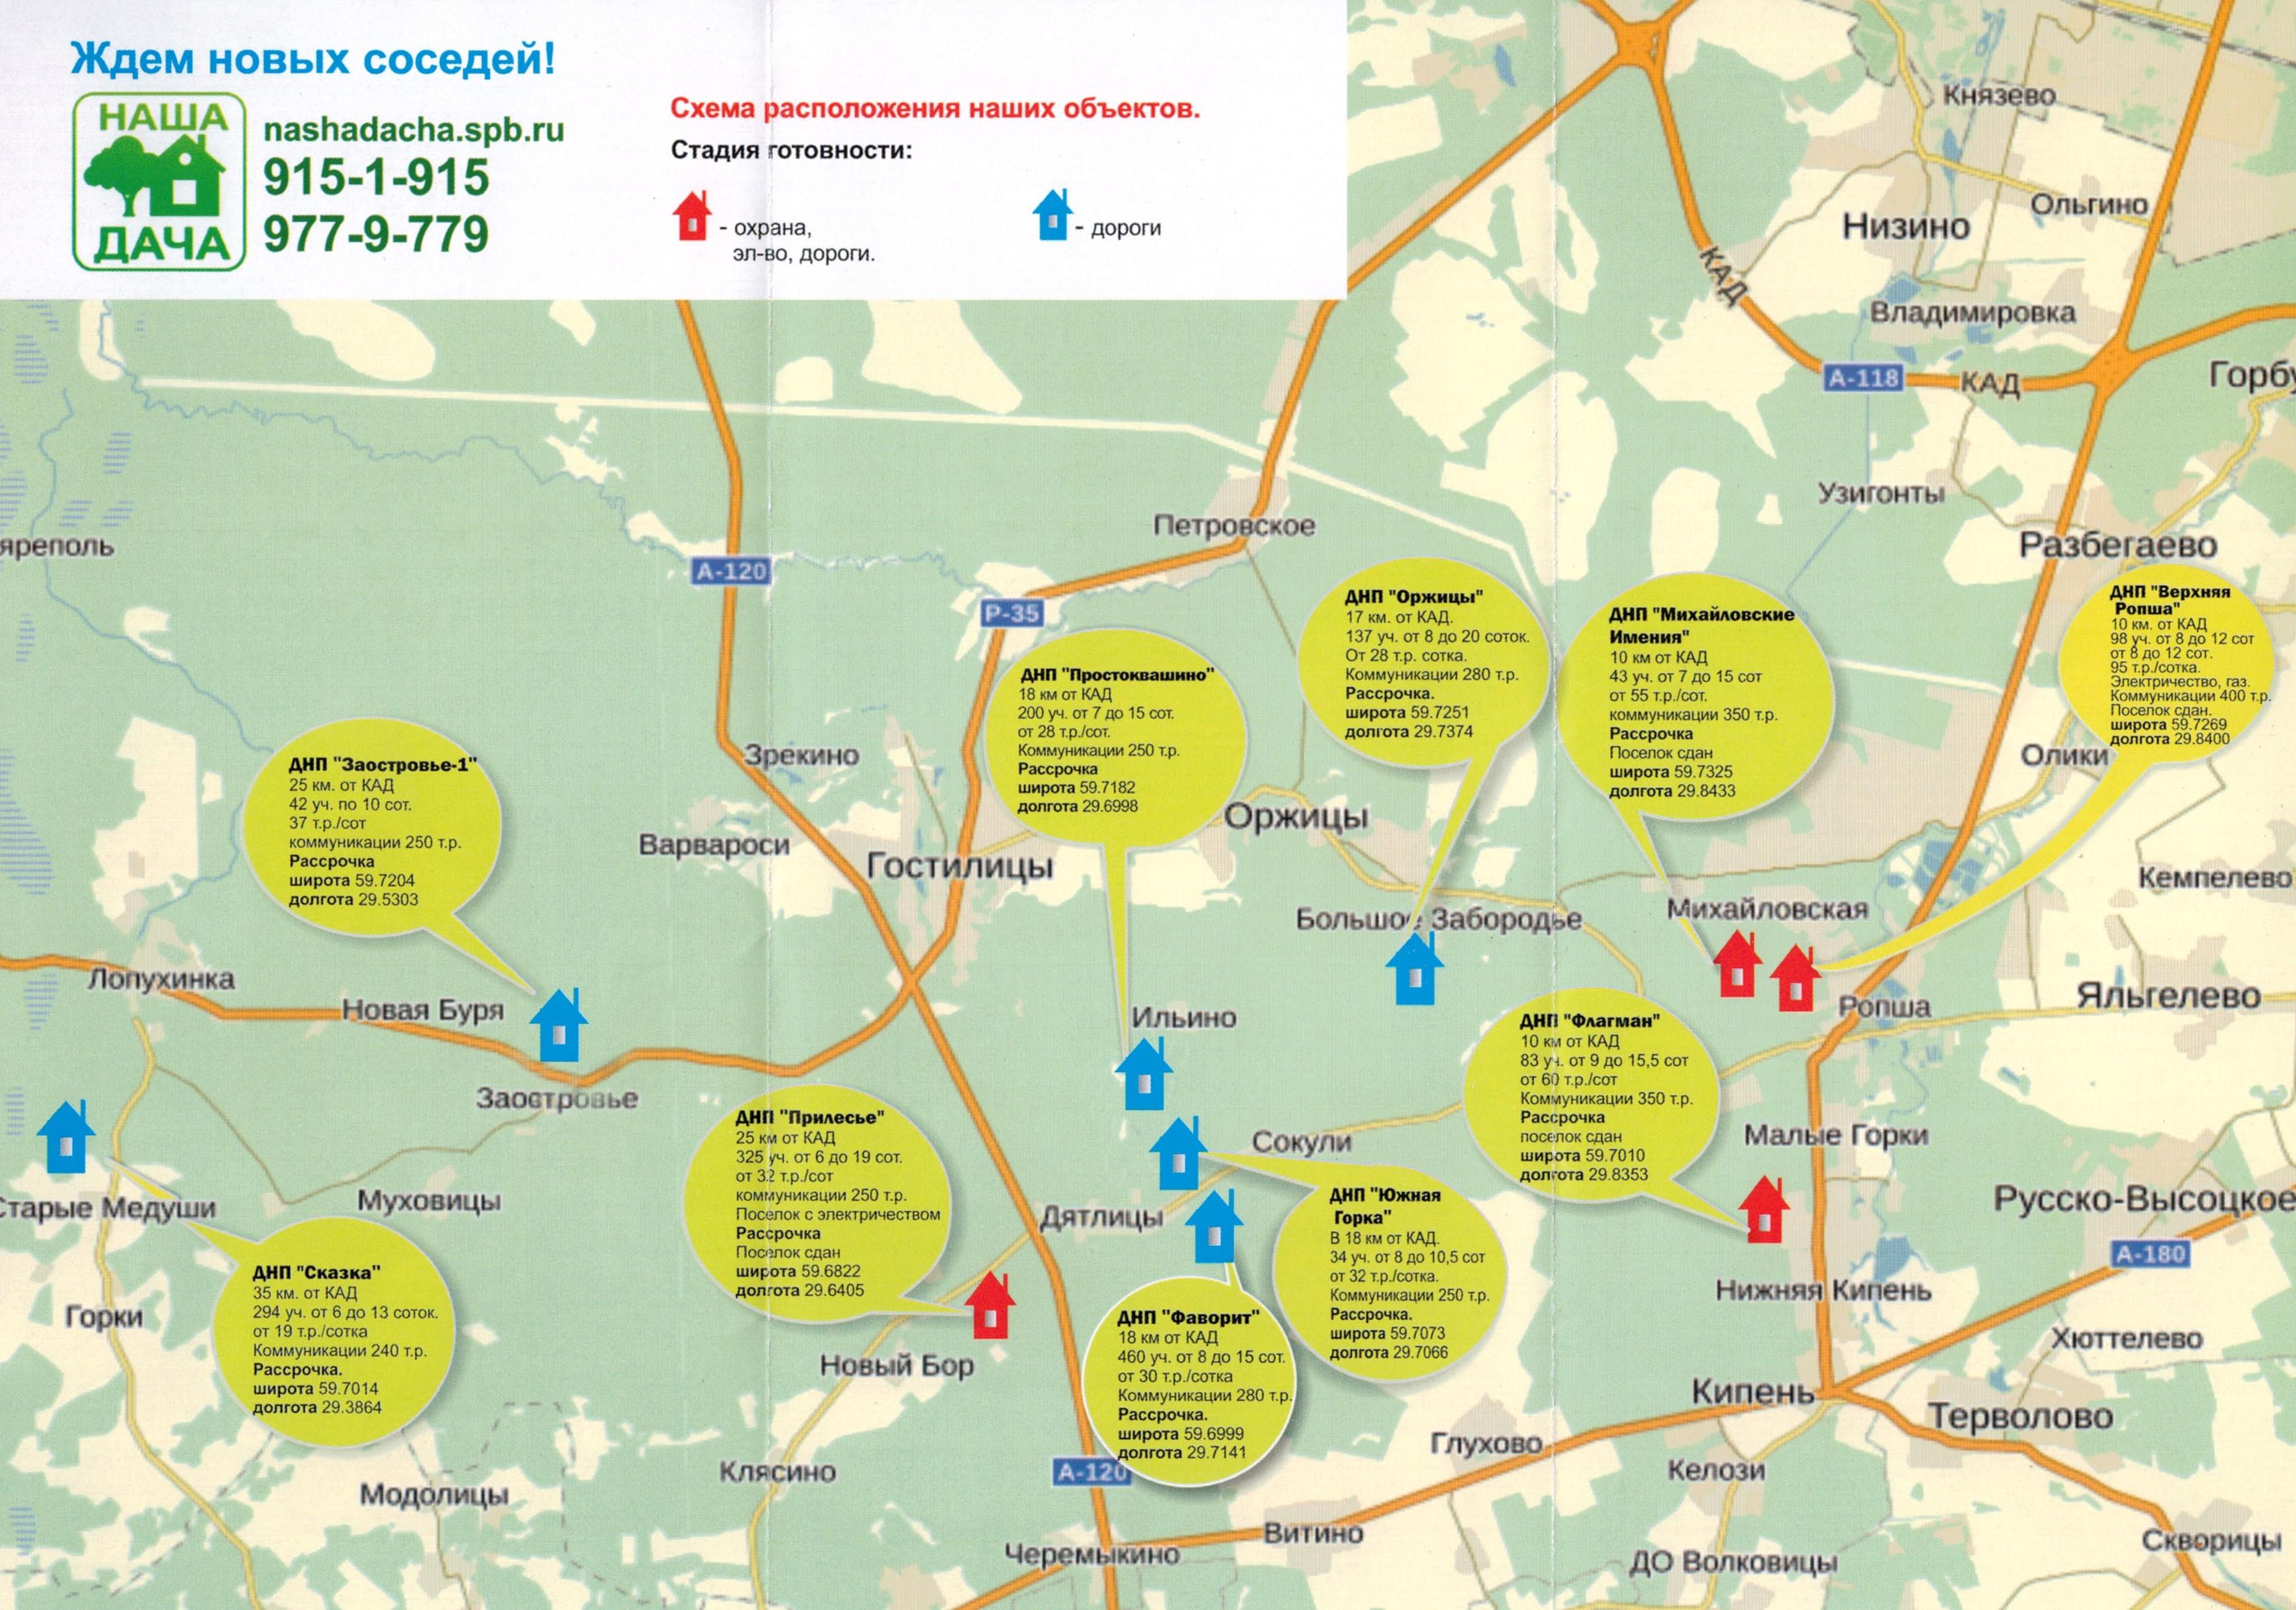 Схема расположения объектов Наша Дача